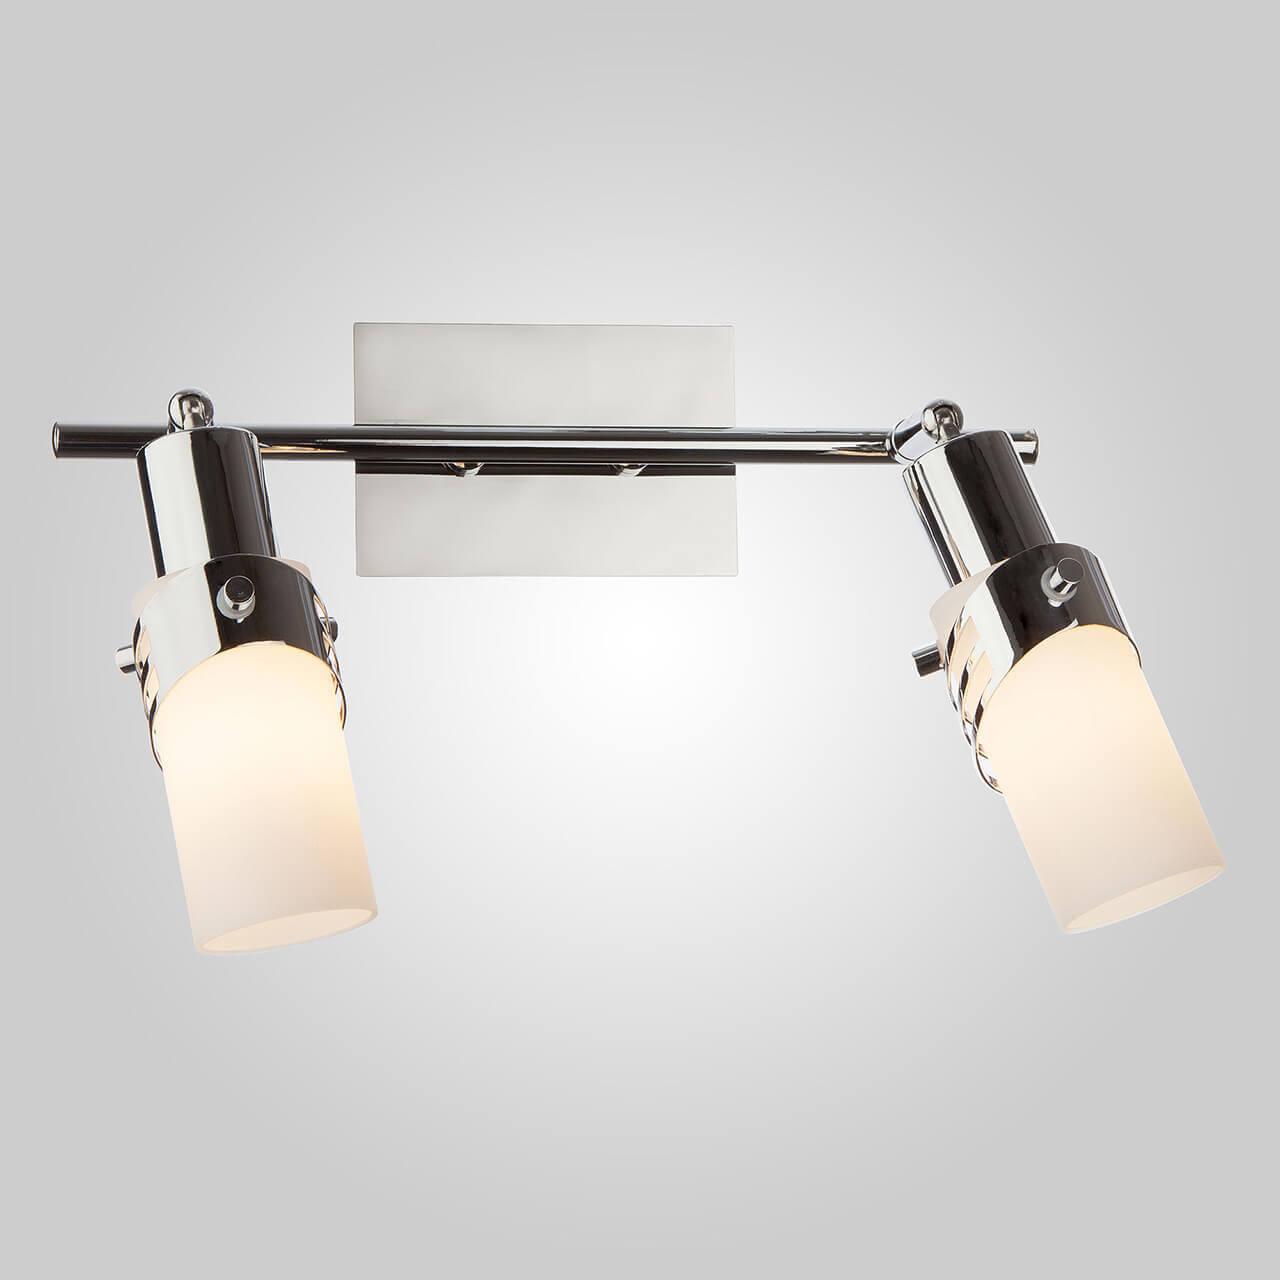 Спот Eurosvet 20003/2 хром Бьянка накладной светильник eurosvet 7077 2 хром